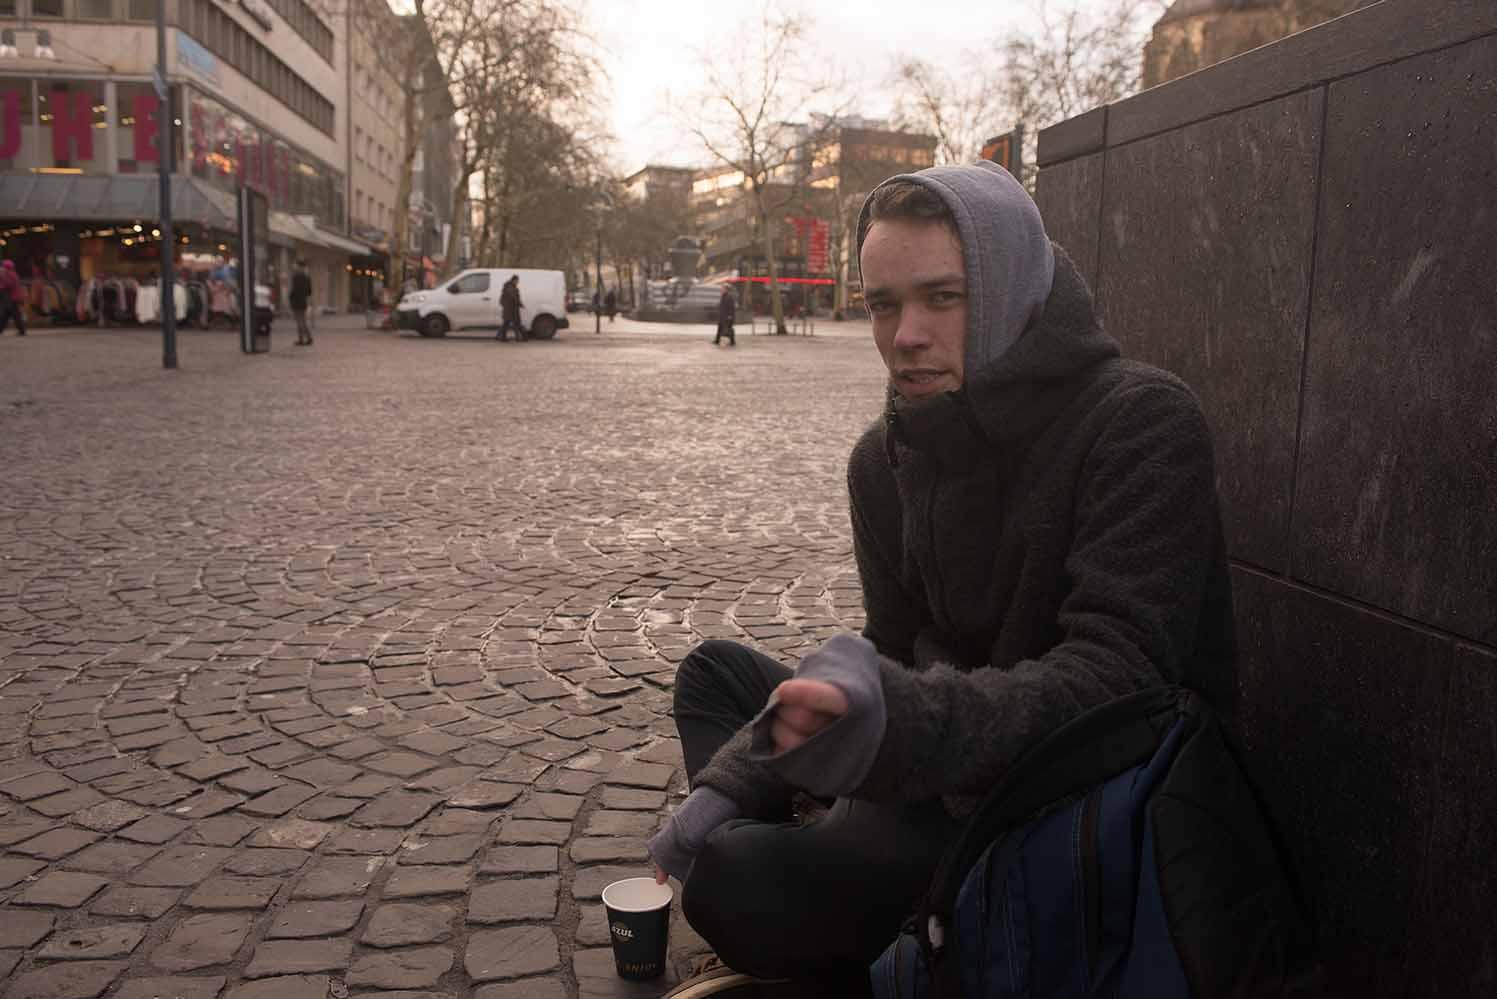 Reporter Paul Klinzing hat sich für uns 24 Stunden als Obdachloser ausgegeben